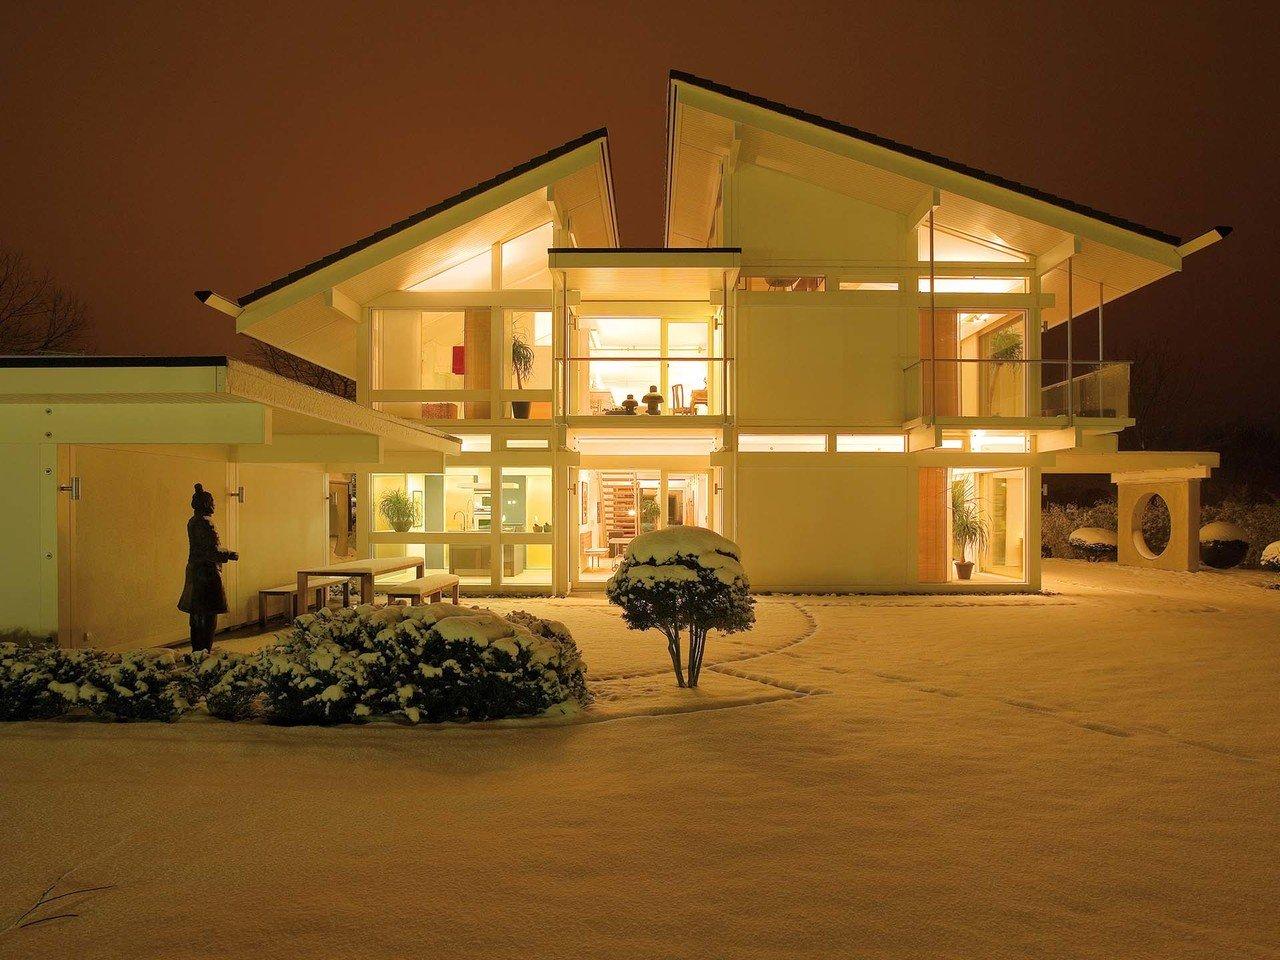 Musterhaus HUF Haus ART 6 - Winter